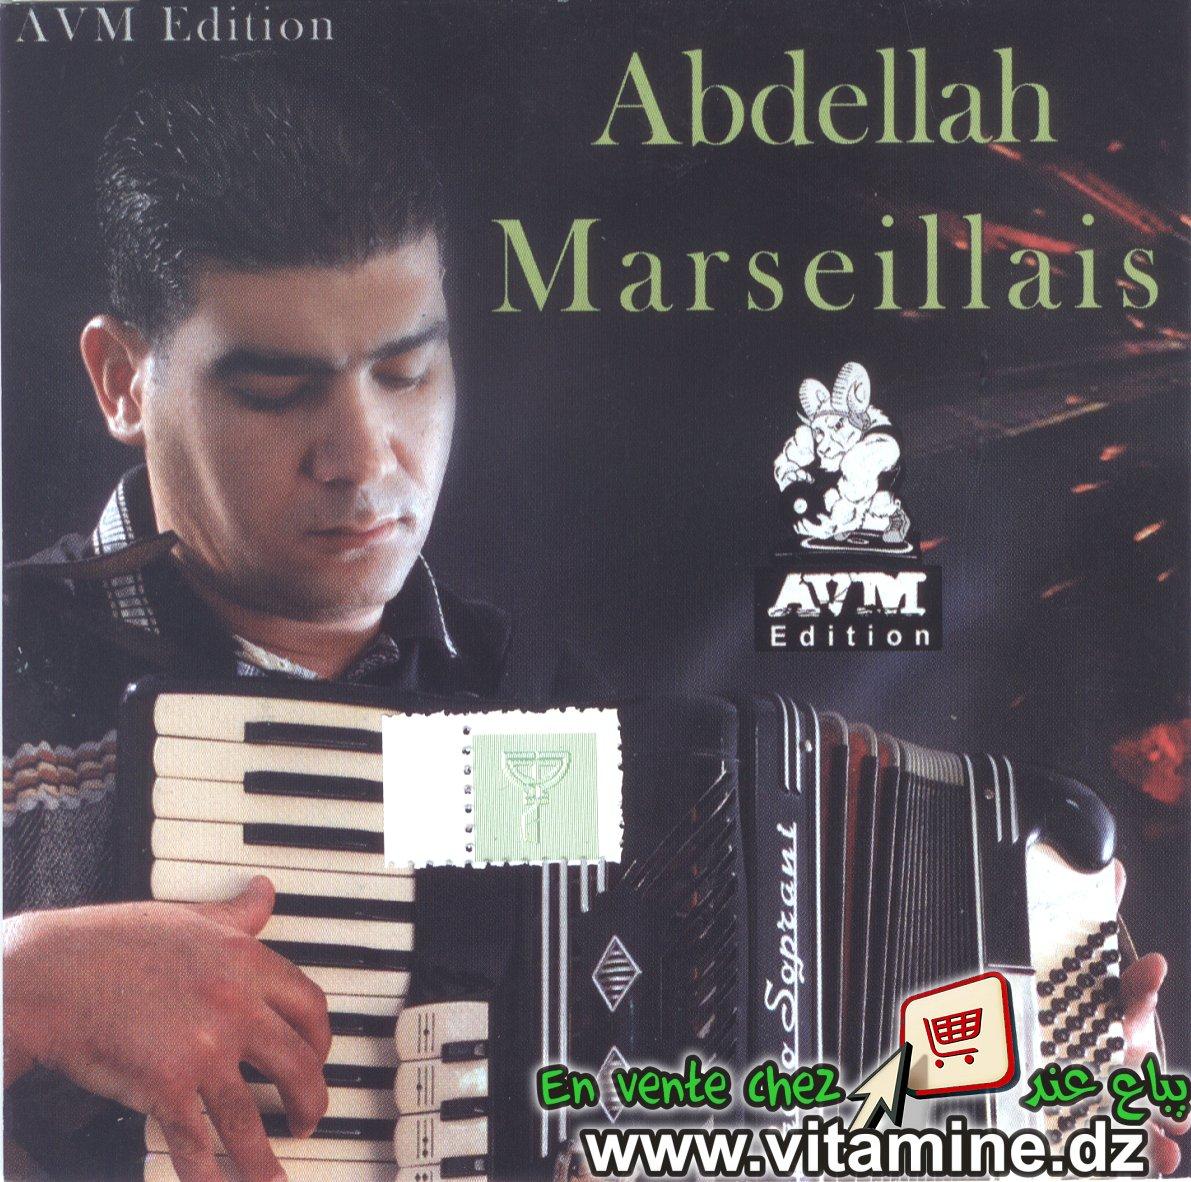 Abdellah marseillais - Compilation